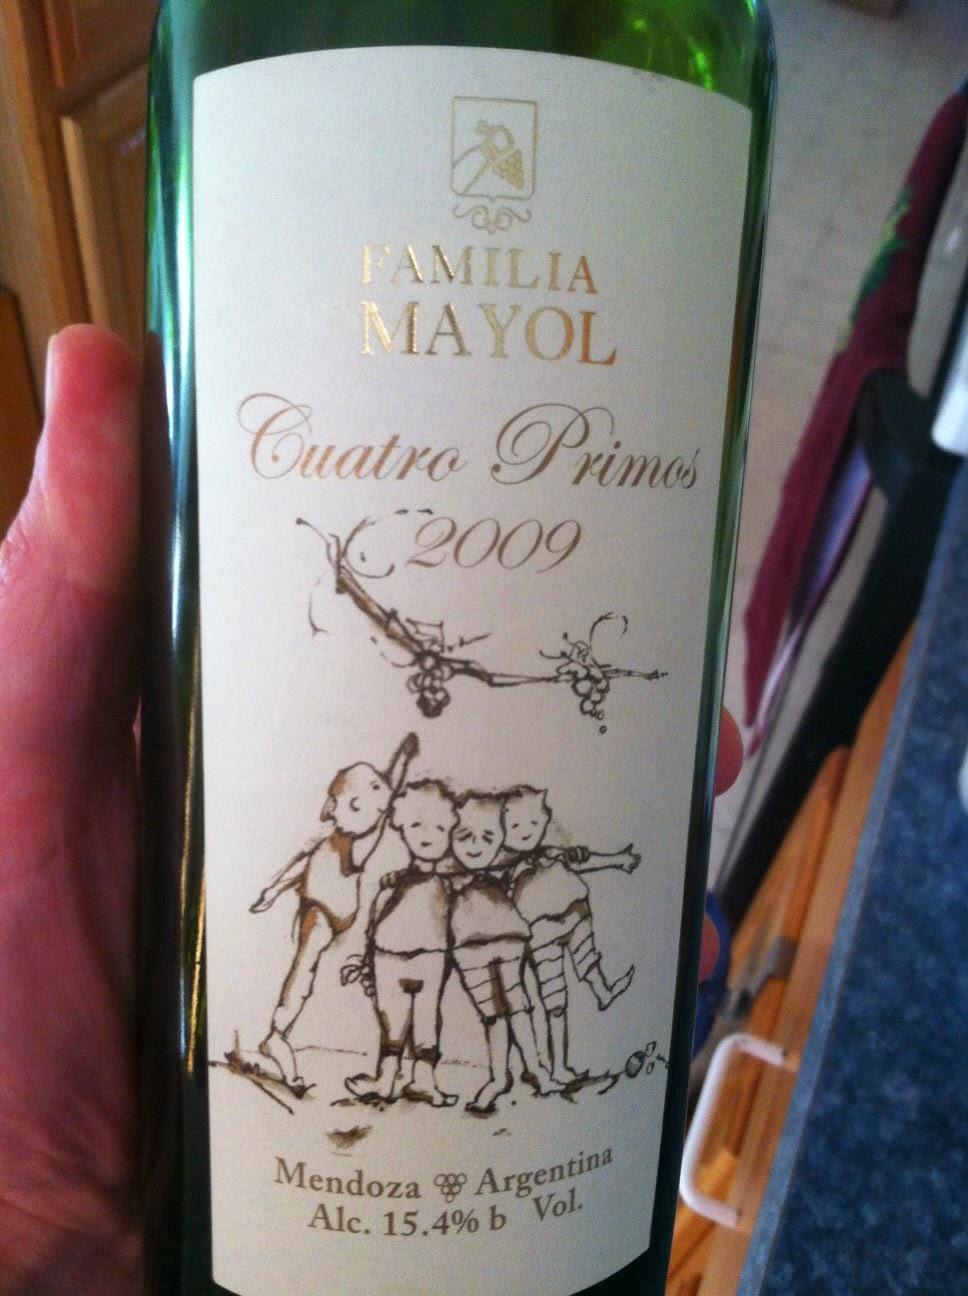 2009 Familia Mayol Malbec Blend